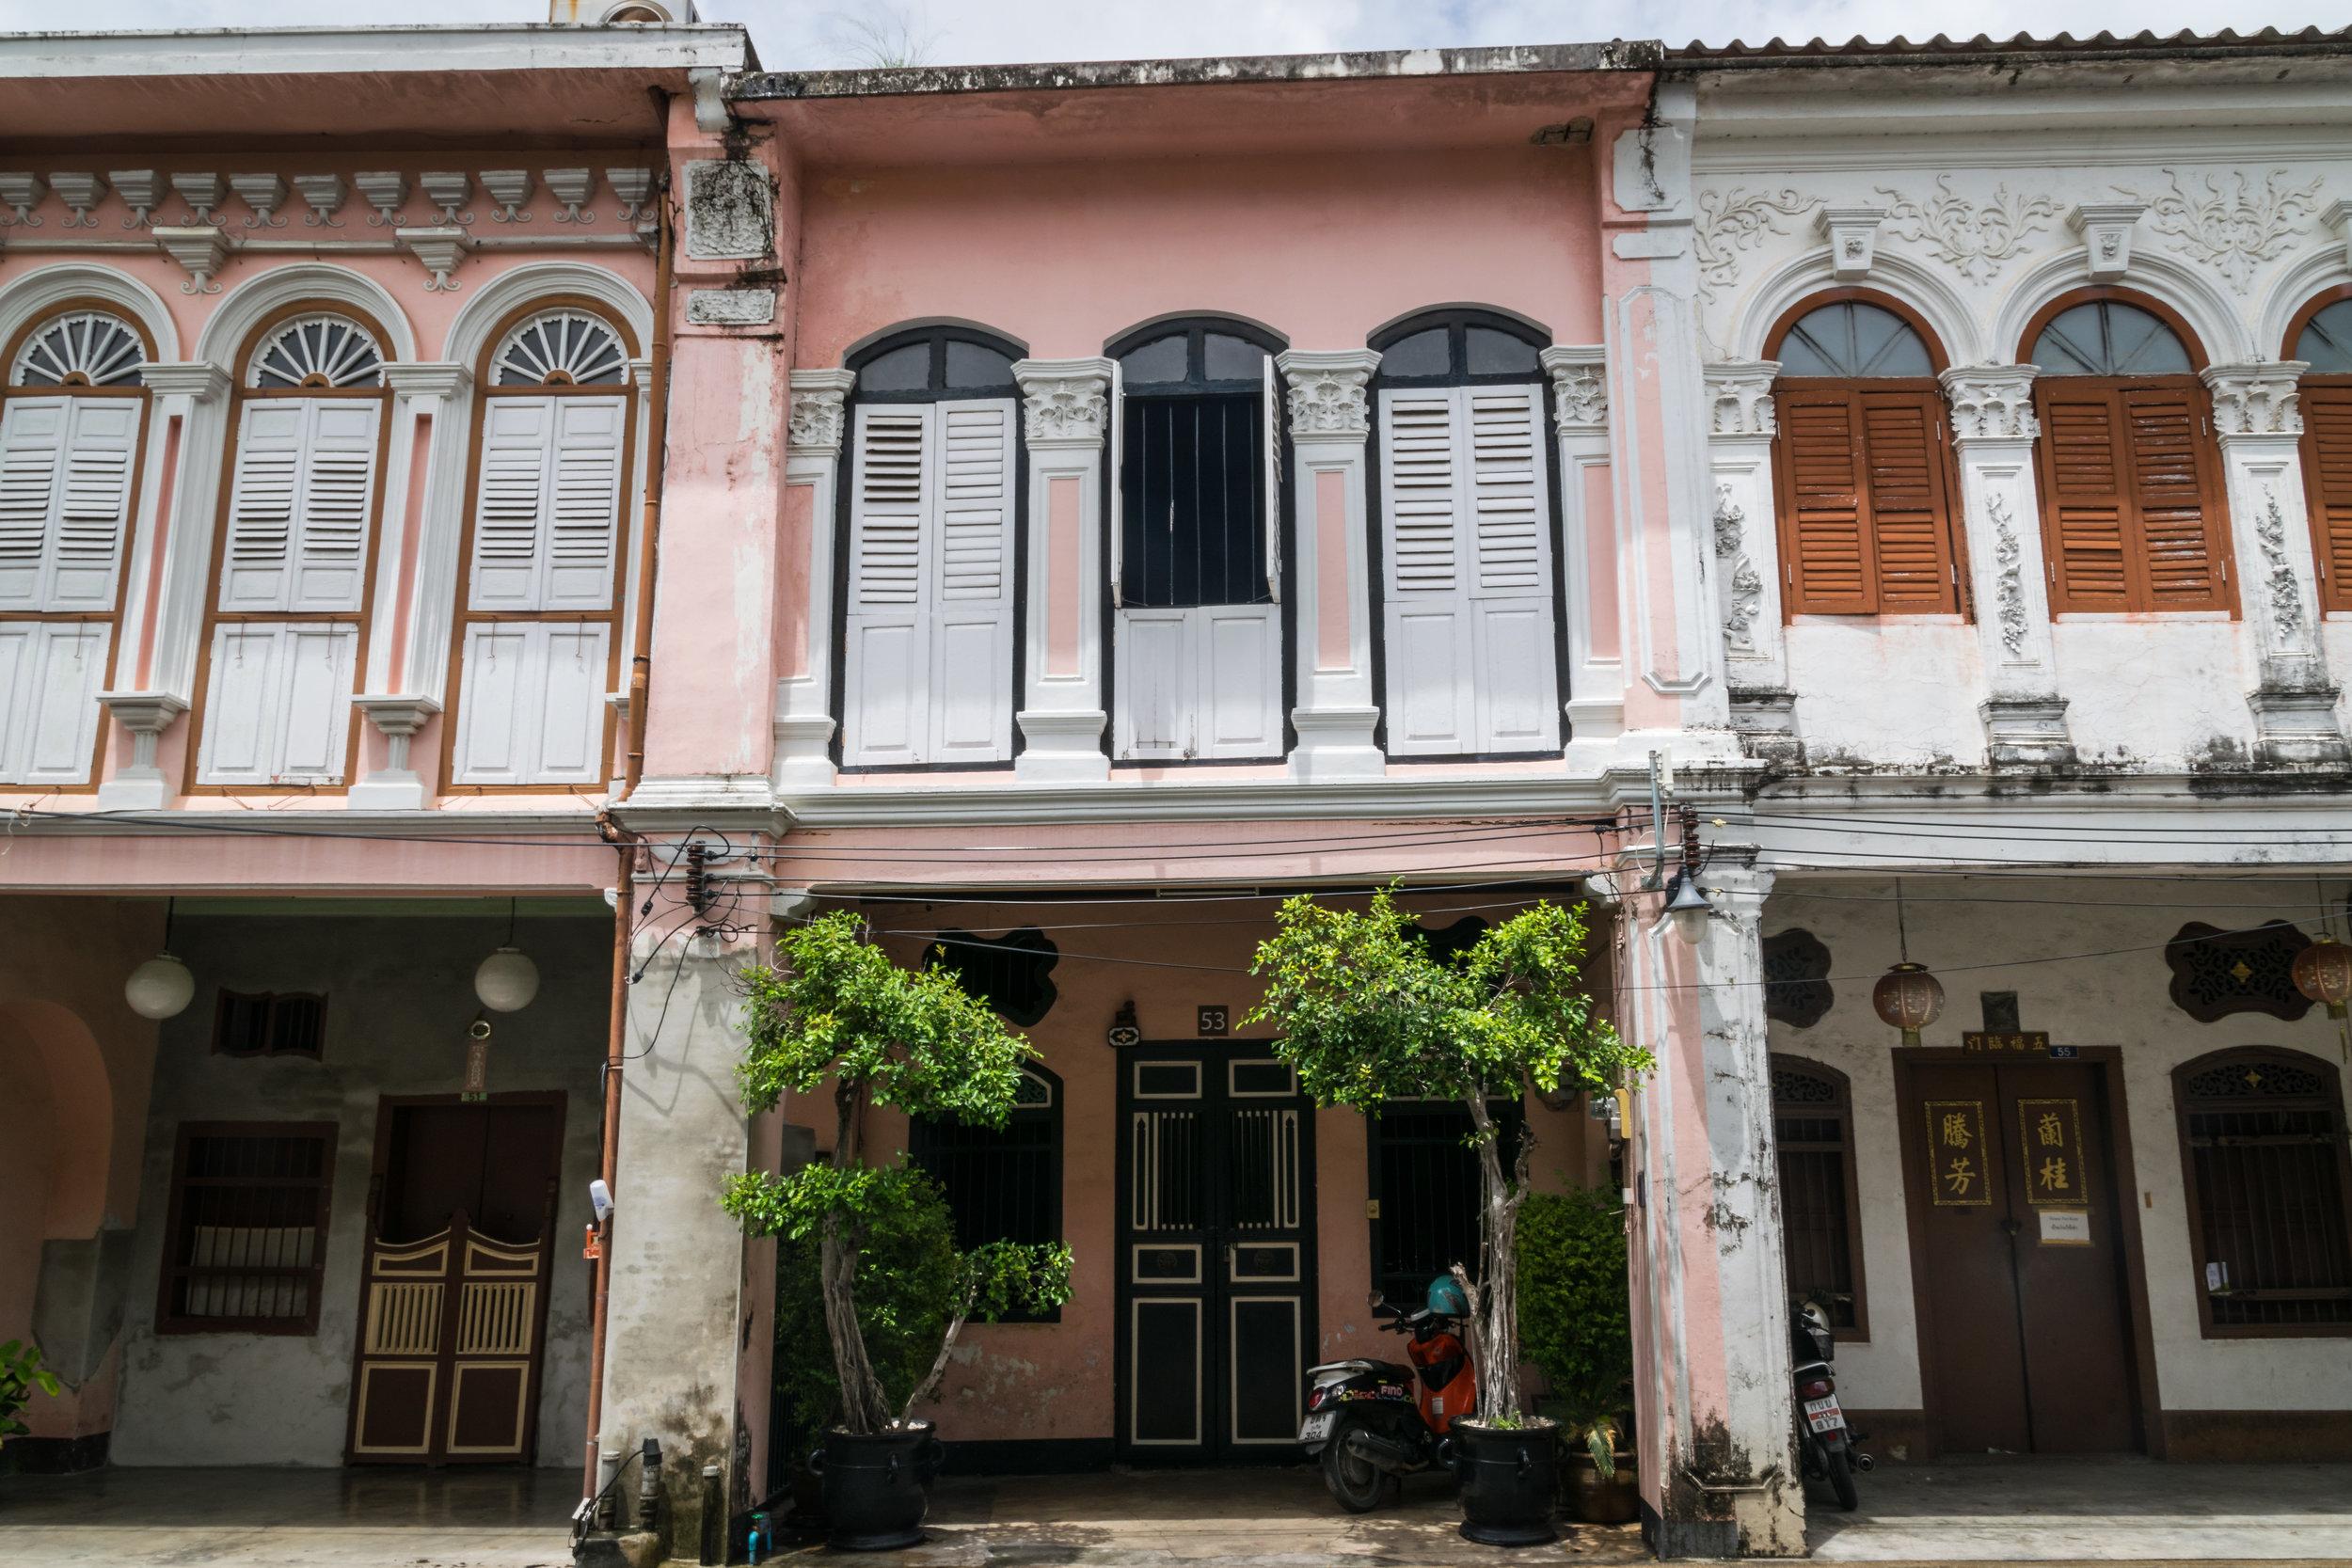 Phuket Old Town buildings-4.jpg